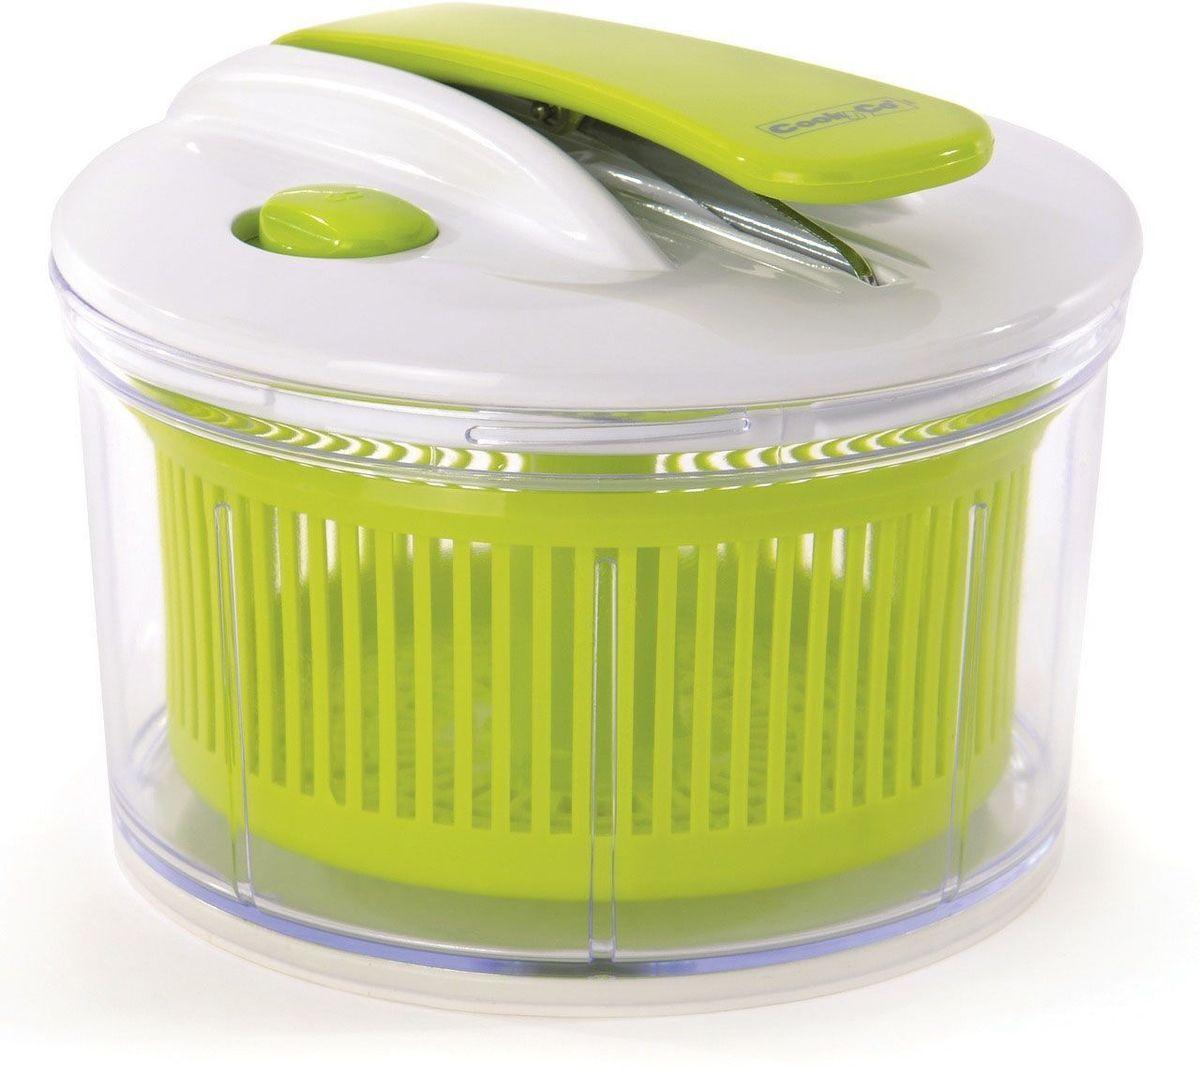 Сушилка для салата BergHOFF Cook&Co68/5/2Сушилка для салата BergHOFF Cook&Co поможет вам в приготовлении полезных и вкусных салатов. Изделие выполнено из высококачественного пластика. Оно сушит овощи в считанные секунды, просто вымойте овощи или зелень, поместите внутрь. Нажимая на ручку, вы приводите в действие внутреннее сито, создается центрифуга, и вся влага оседает на стенках контейнера. Сушилка имеет кнопку блокировки, удобно собирается и разбирается. Резиновое основание предотвращает скольжение. Прозрачная миска может быть использована как салатник, а внутреннее сито - для слива всех продуктов. Подходит для мытья в посудомоечной машине.